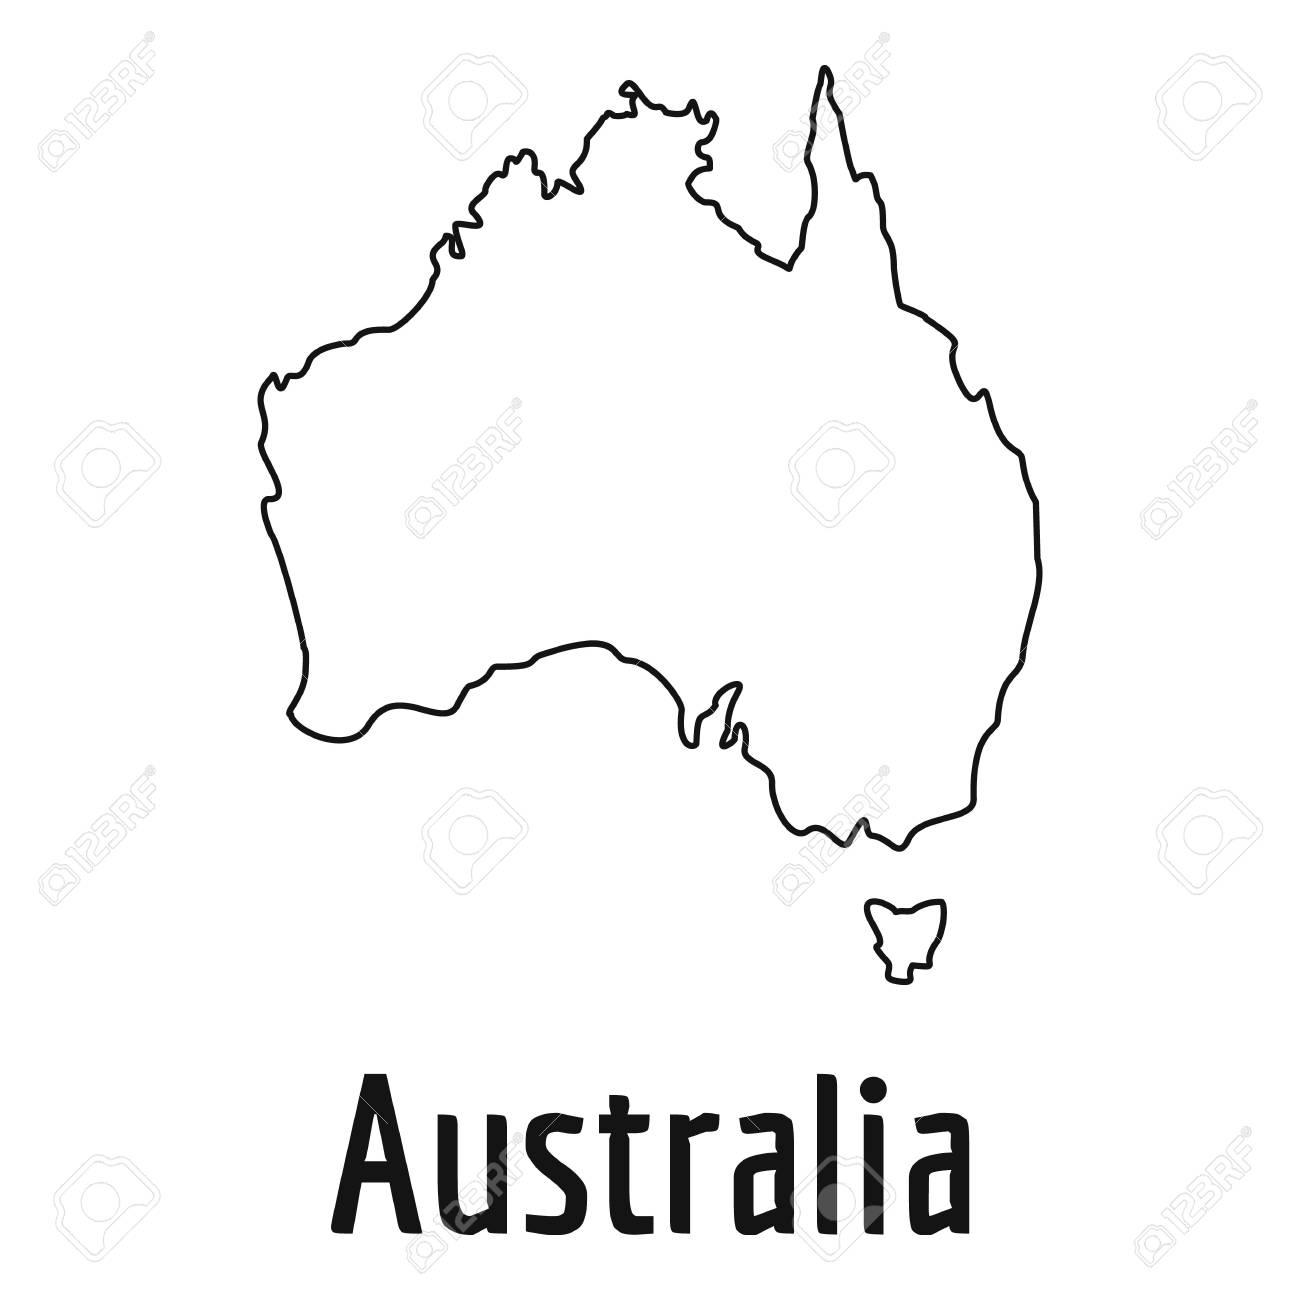 Stock Illustration on simple tasmania map, simple myanmar map, simple mediterranean map, simple south asia map, simple russian federation map, simple carribbean map, simple okinawa map, simple u.s. map, simple land use map, simple denmark map, simple south america map, simple bolivia map, simple switzerland map, simple china map, simple western front map, simple austria map, simple colombia map, simple guam map, simple basque country map, simple parking map,